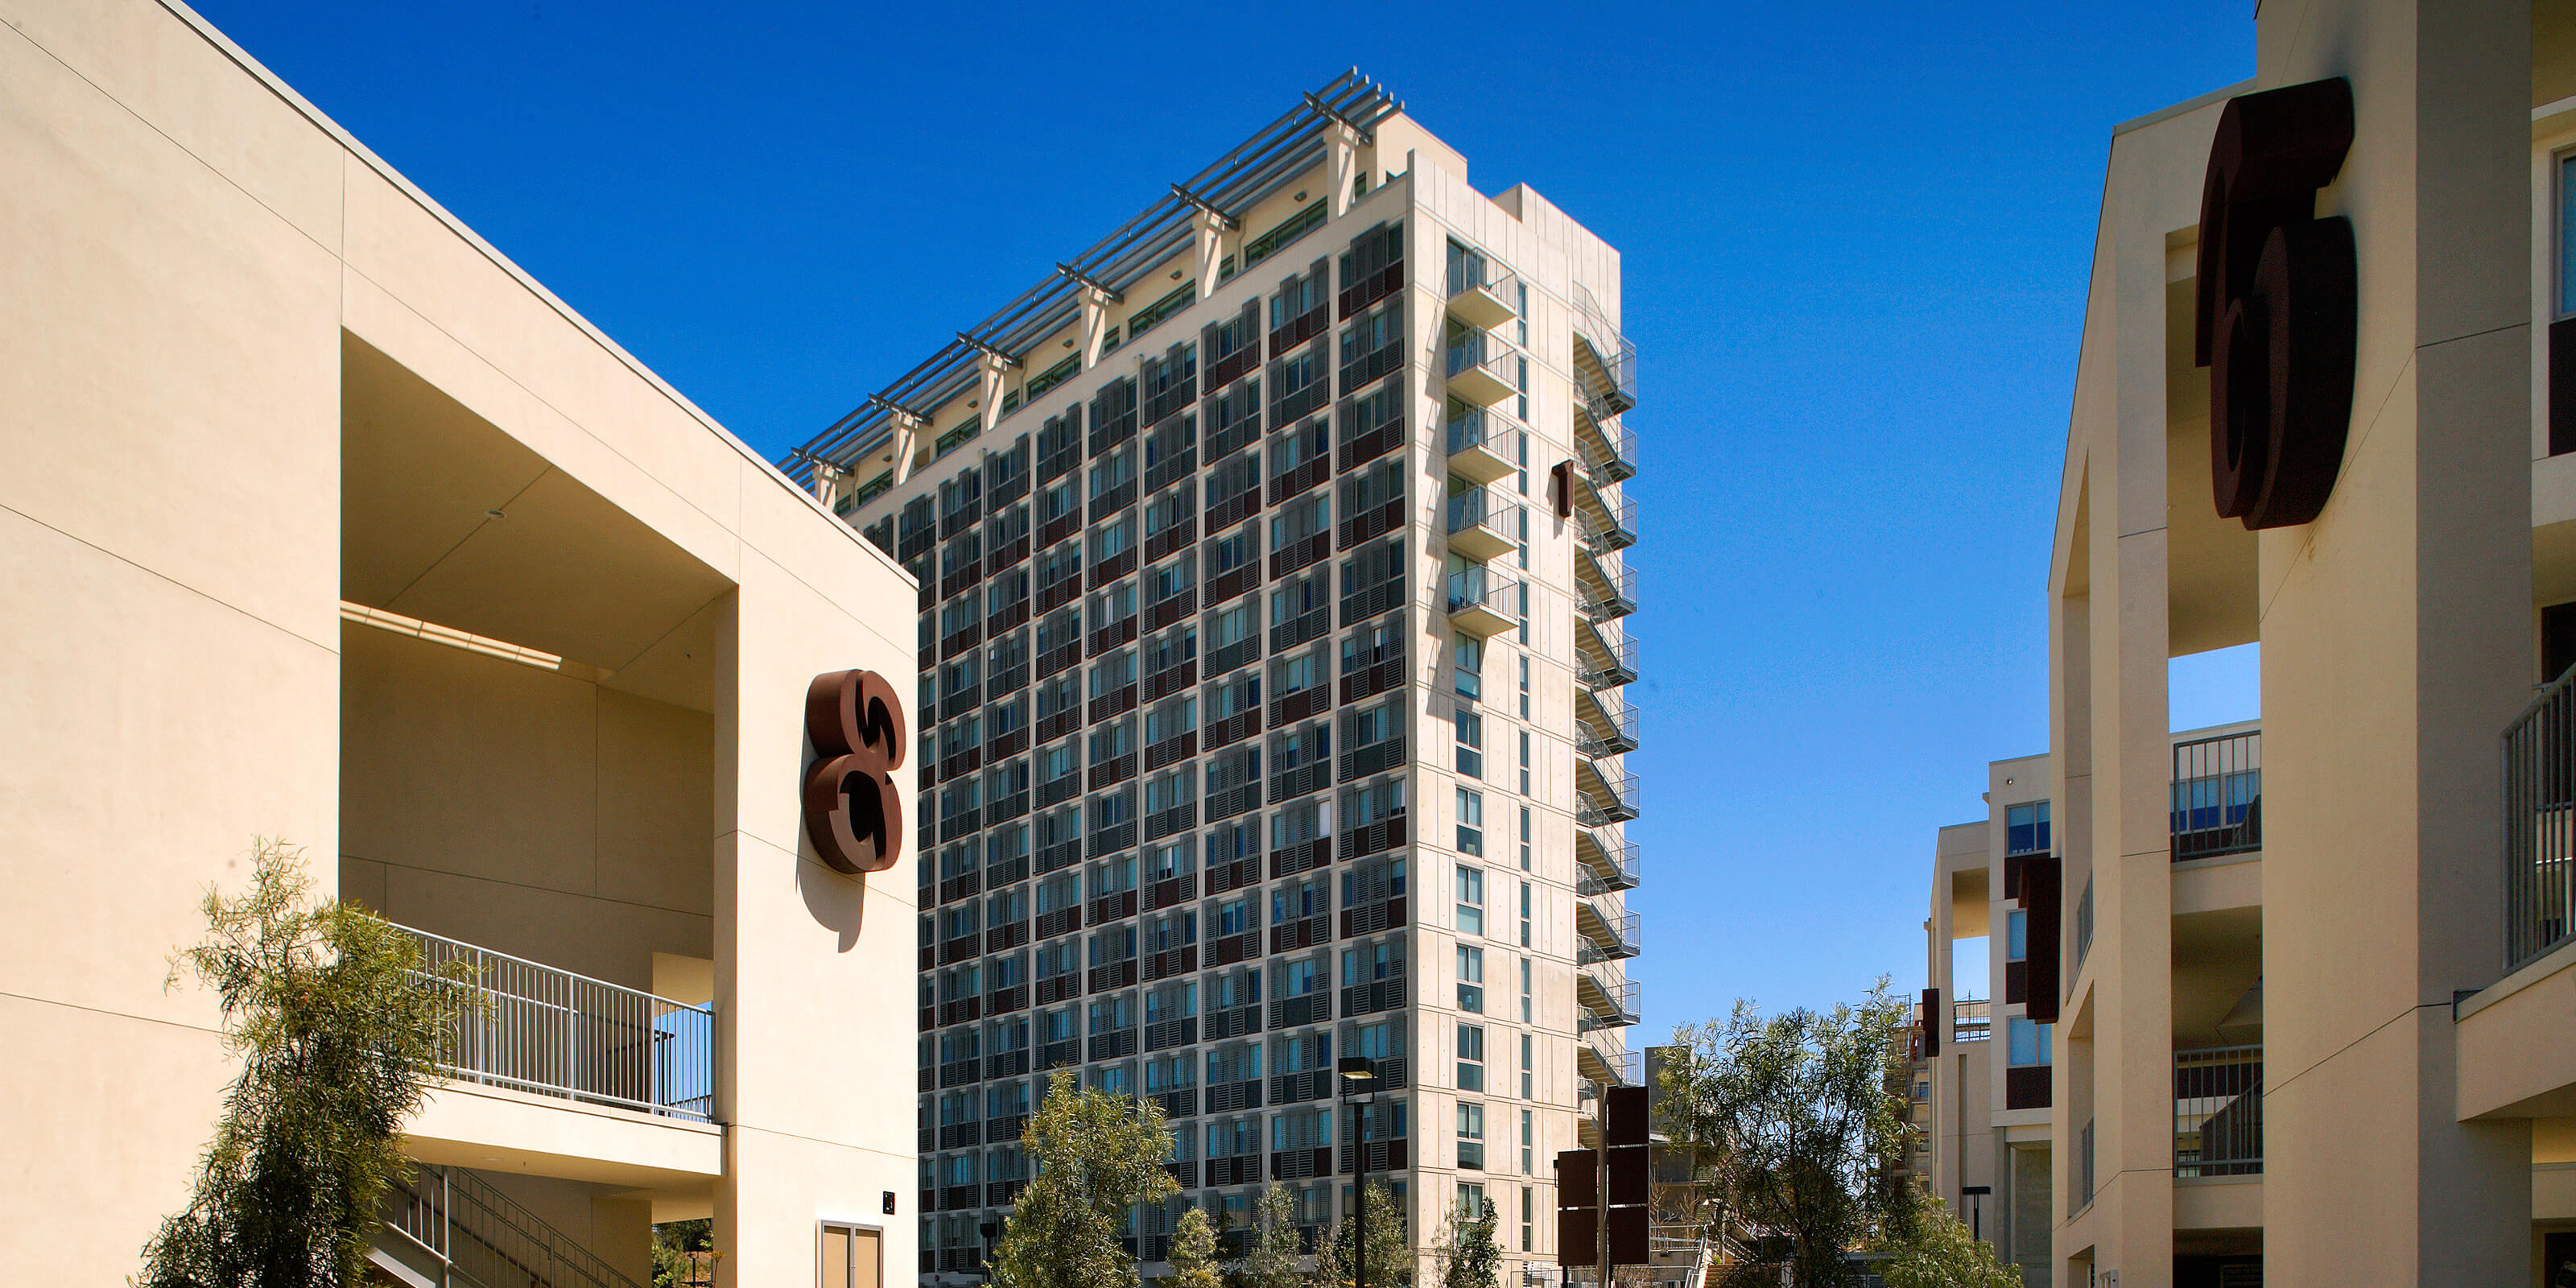 UC San Diego – The Village at Torrey Pines West | SVA Architects